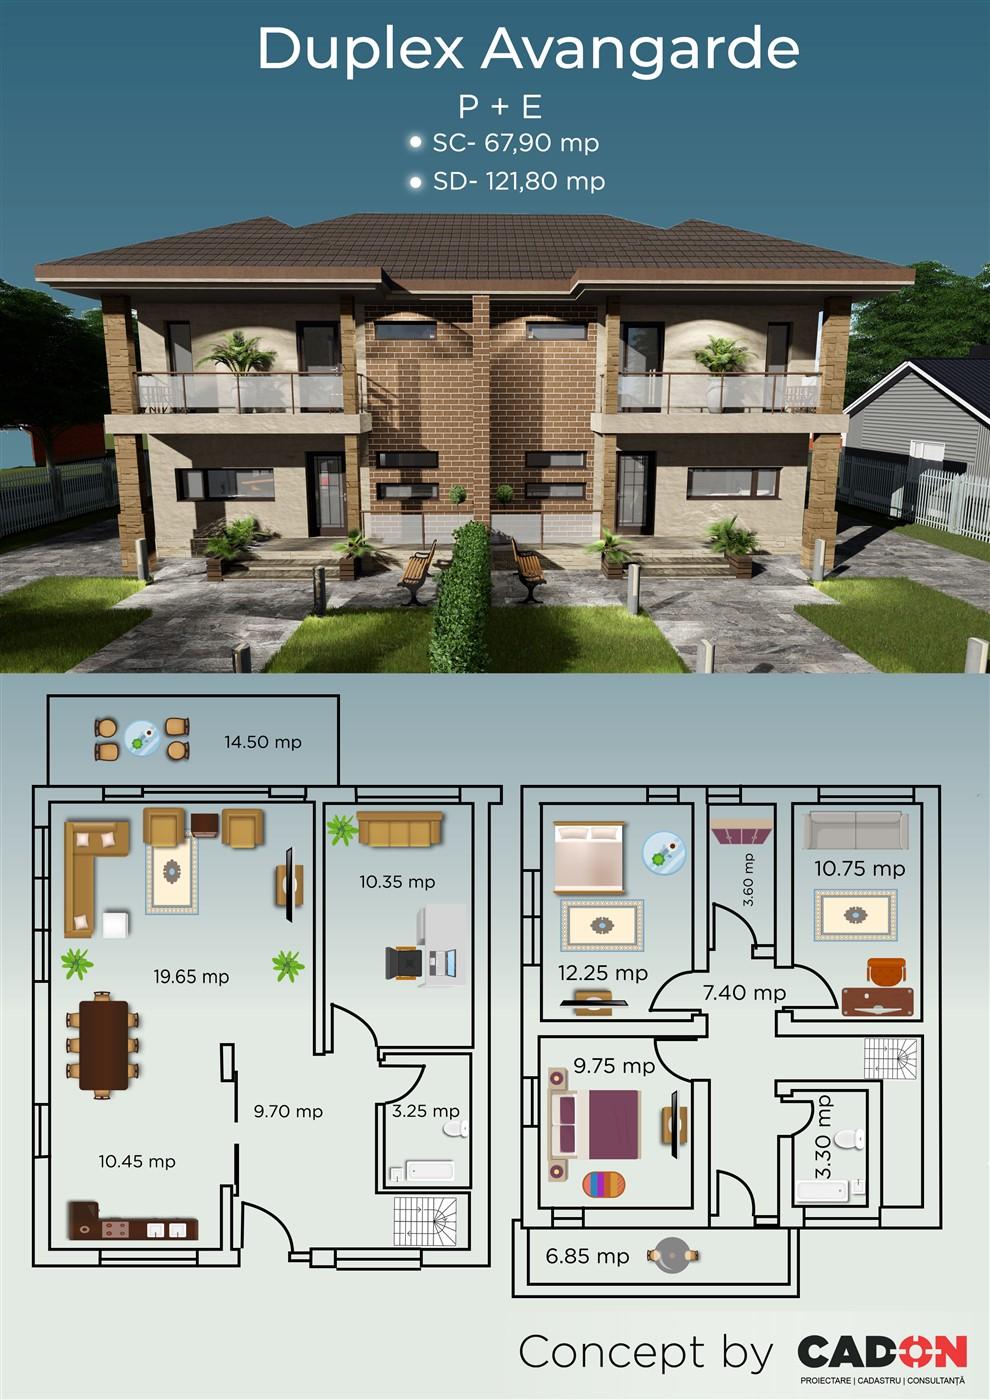 locuinta individuala, casa Avangarde, duplex, proiect locuinta, parter si mansarda, locuinta incapatoare, Cad-on.ro, curte, gradina, terasa, locuinta mica